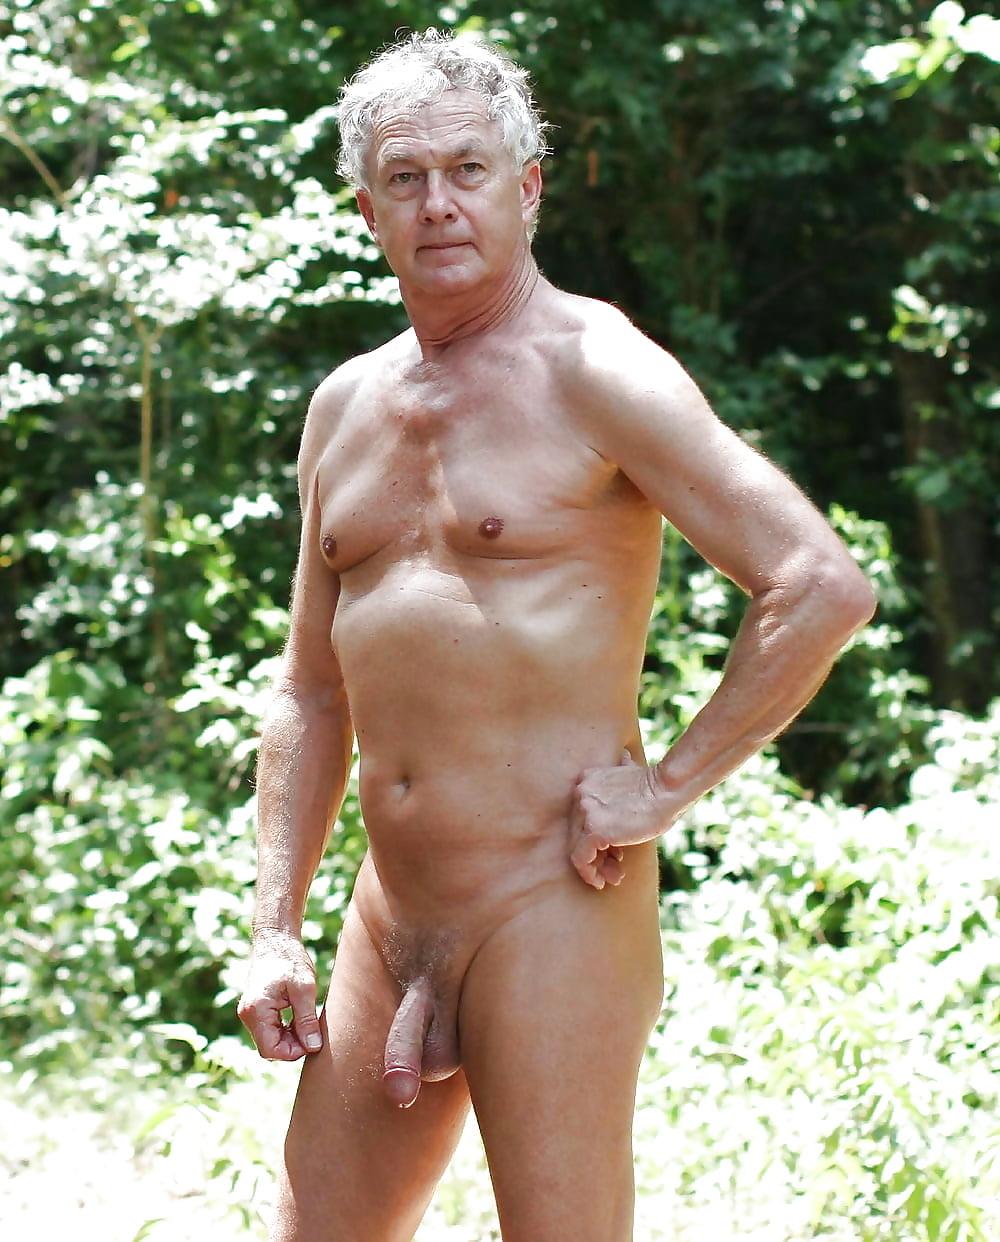 Nude mature male porn